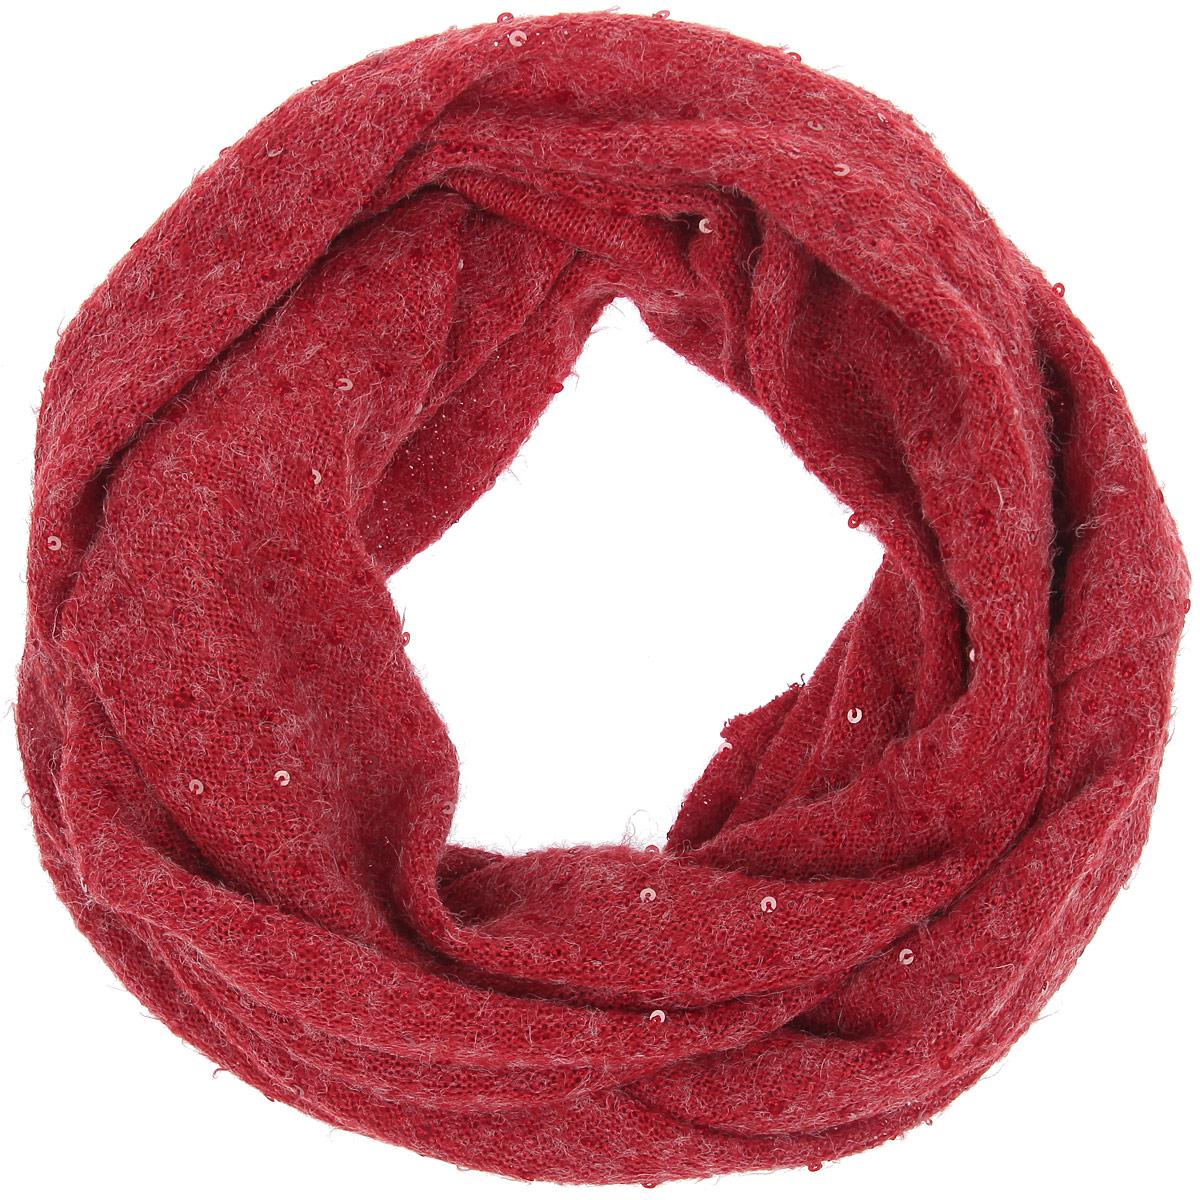 Шарф-снуд женский Labbra, цвет: красный. LSL33-315. Размер 55 см х 150 смLSL33-315Уютный среднего размера шарф-снуд Labbra создан подчеркнуть ваш неординарный вкус и согреть вас в прохладное время года. Шерсть с вискозой - идеальное сочетание для снуда. Модель отличается вкраплениями паеток, невероятной легкостью и мягкостью.Красивый шарф-кольцо отлично сочетается с любой нарядной одеждой. Такой предмет гардероба не только хорошо работает на создание модного образа, но и согревает в непогоду.